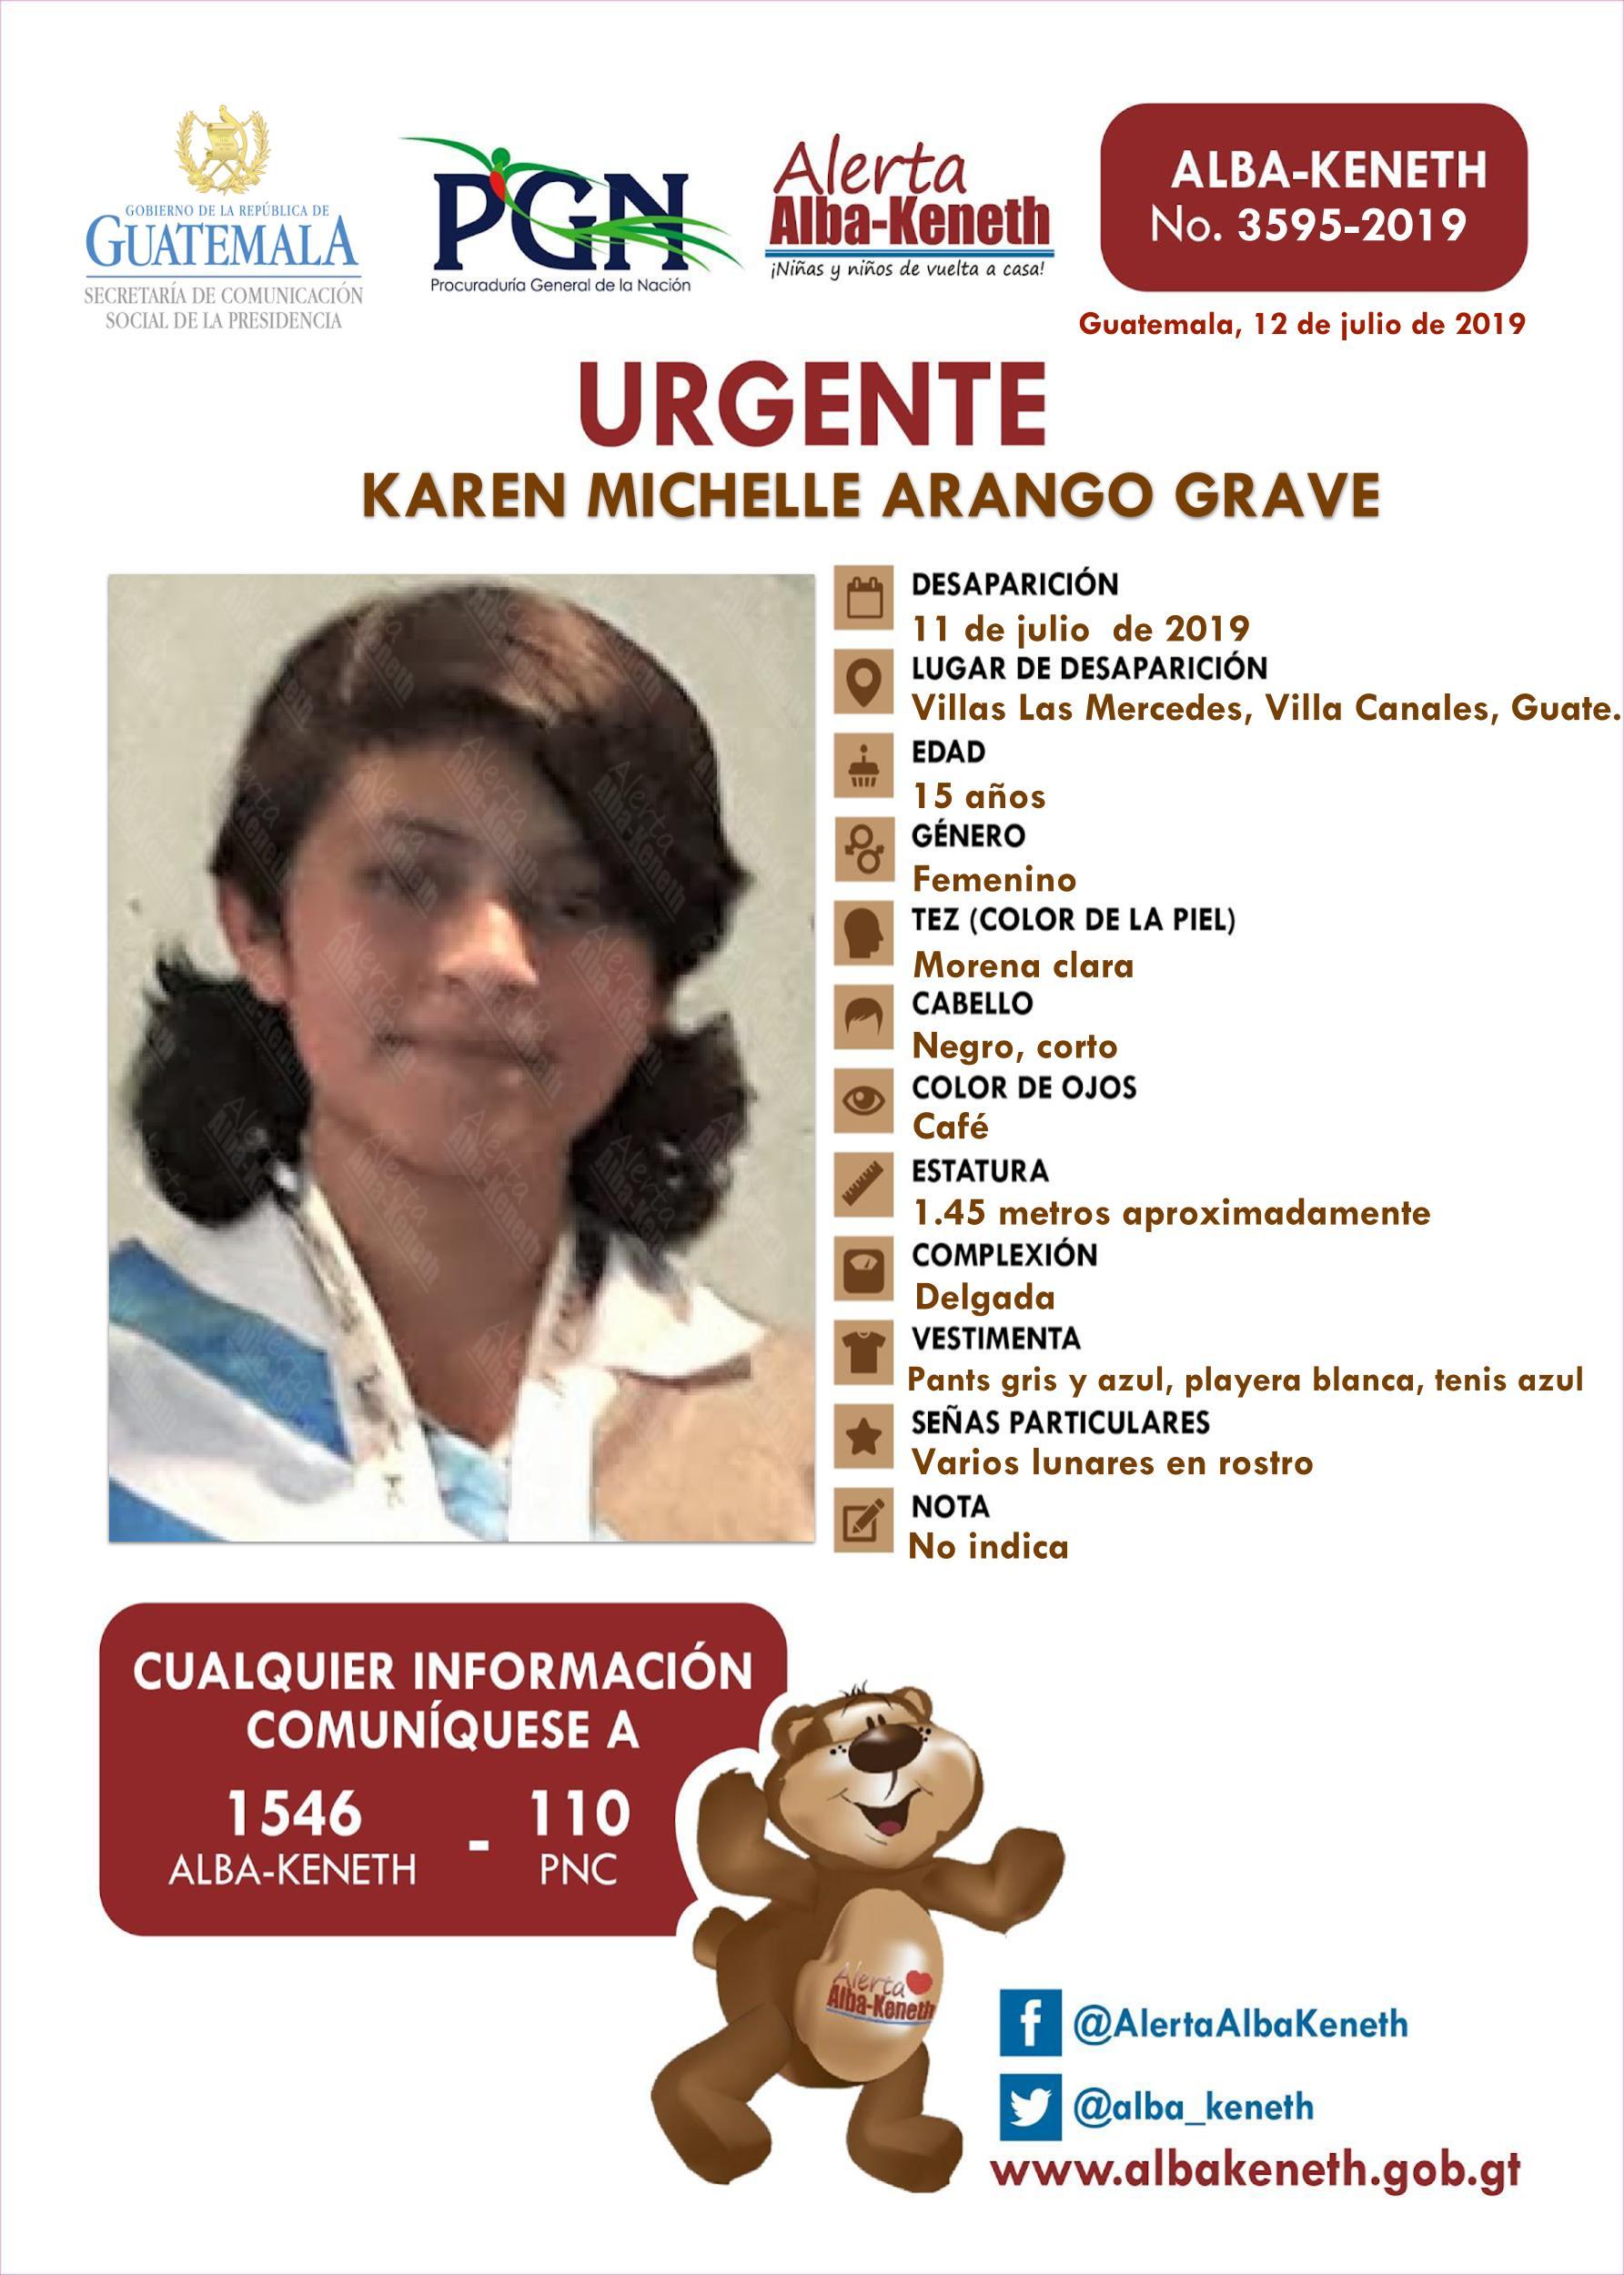 Karen Michelle Arango Grave